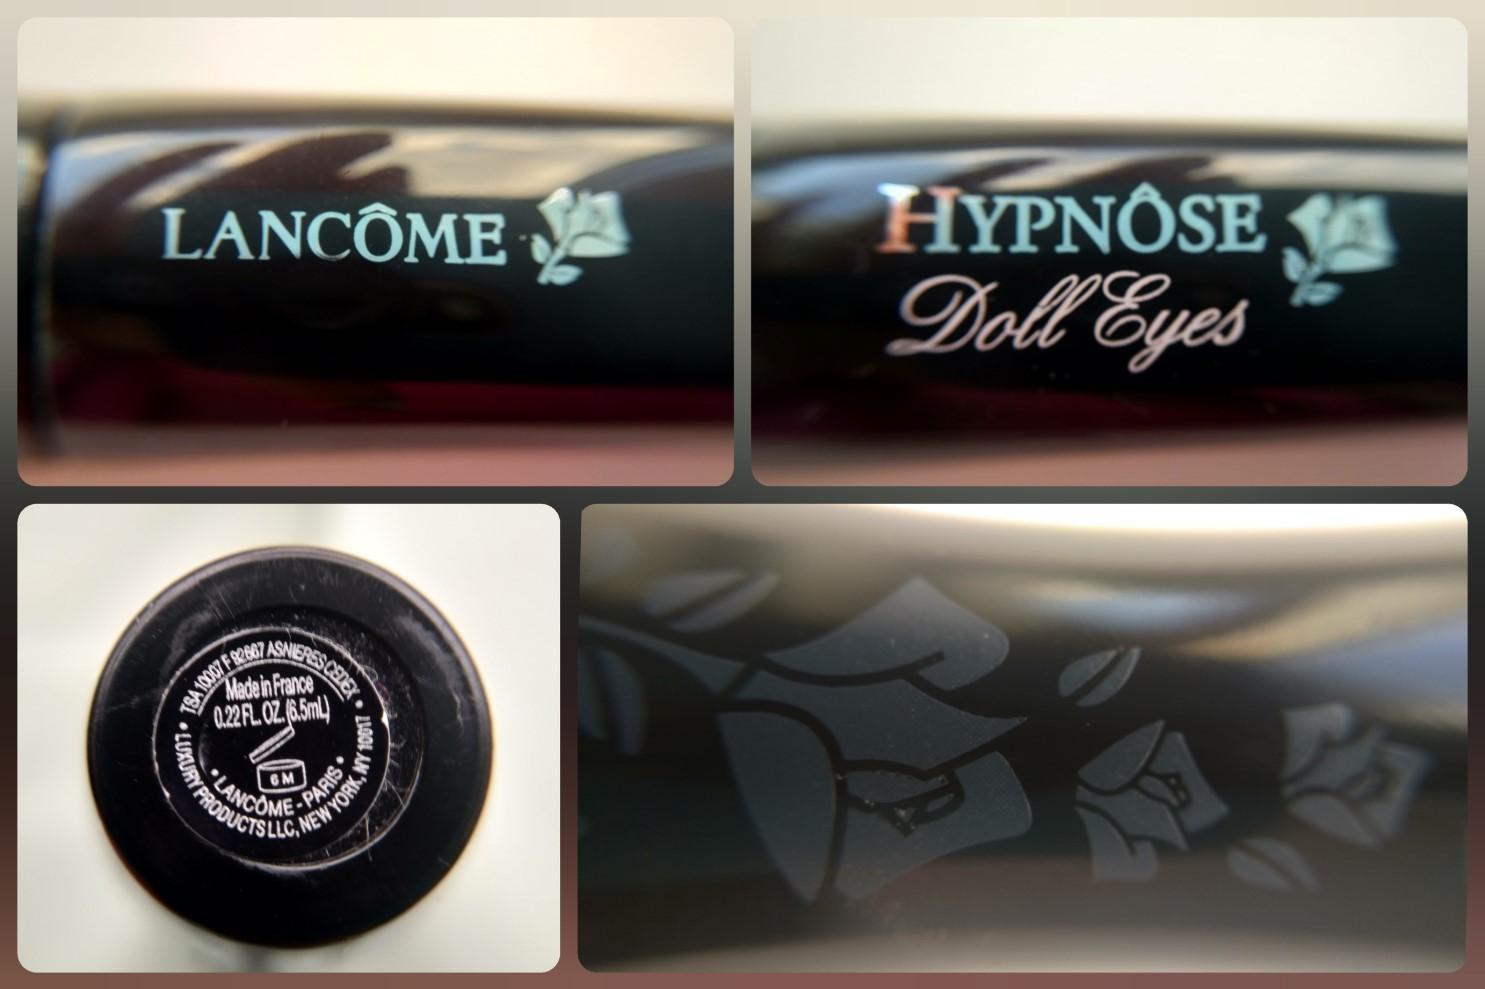 Тушь Lancome Hypnose Doll Eyes - детали оформления